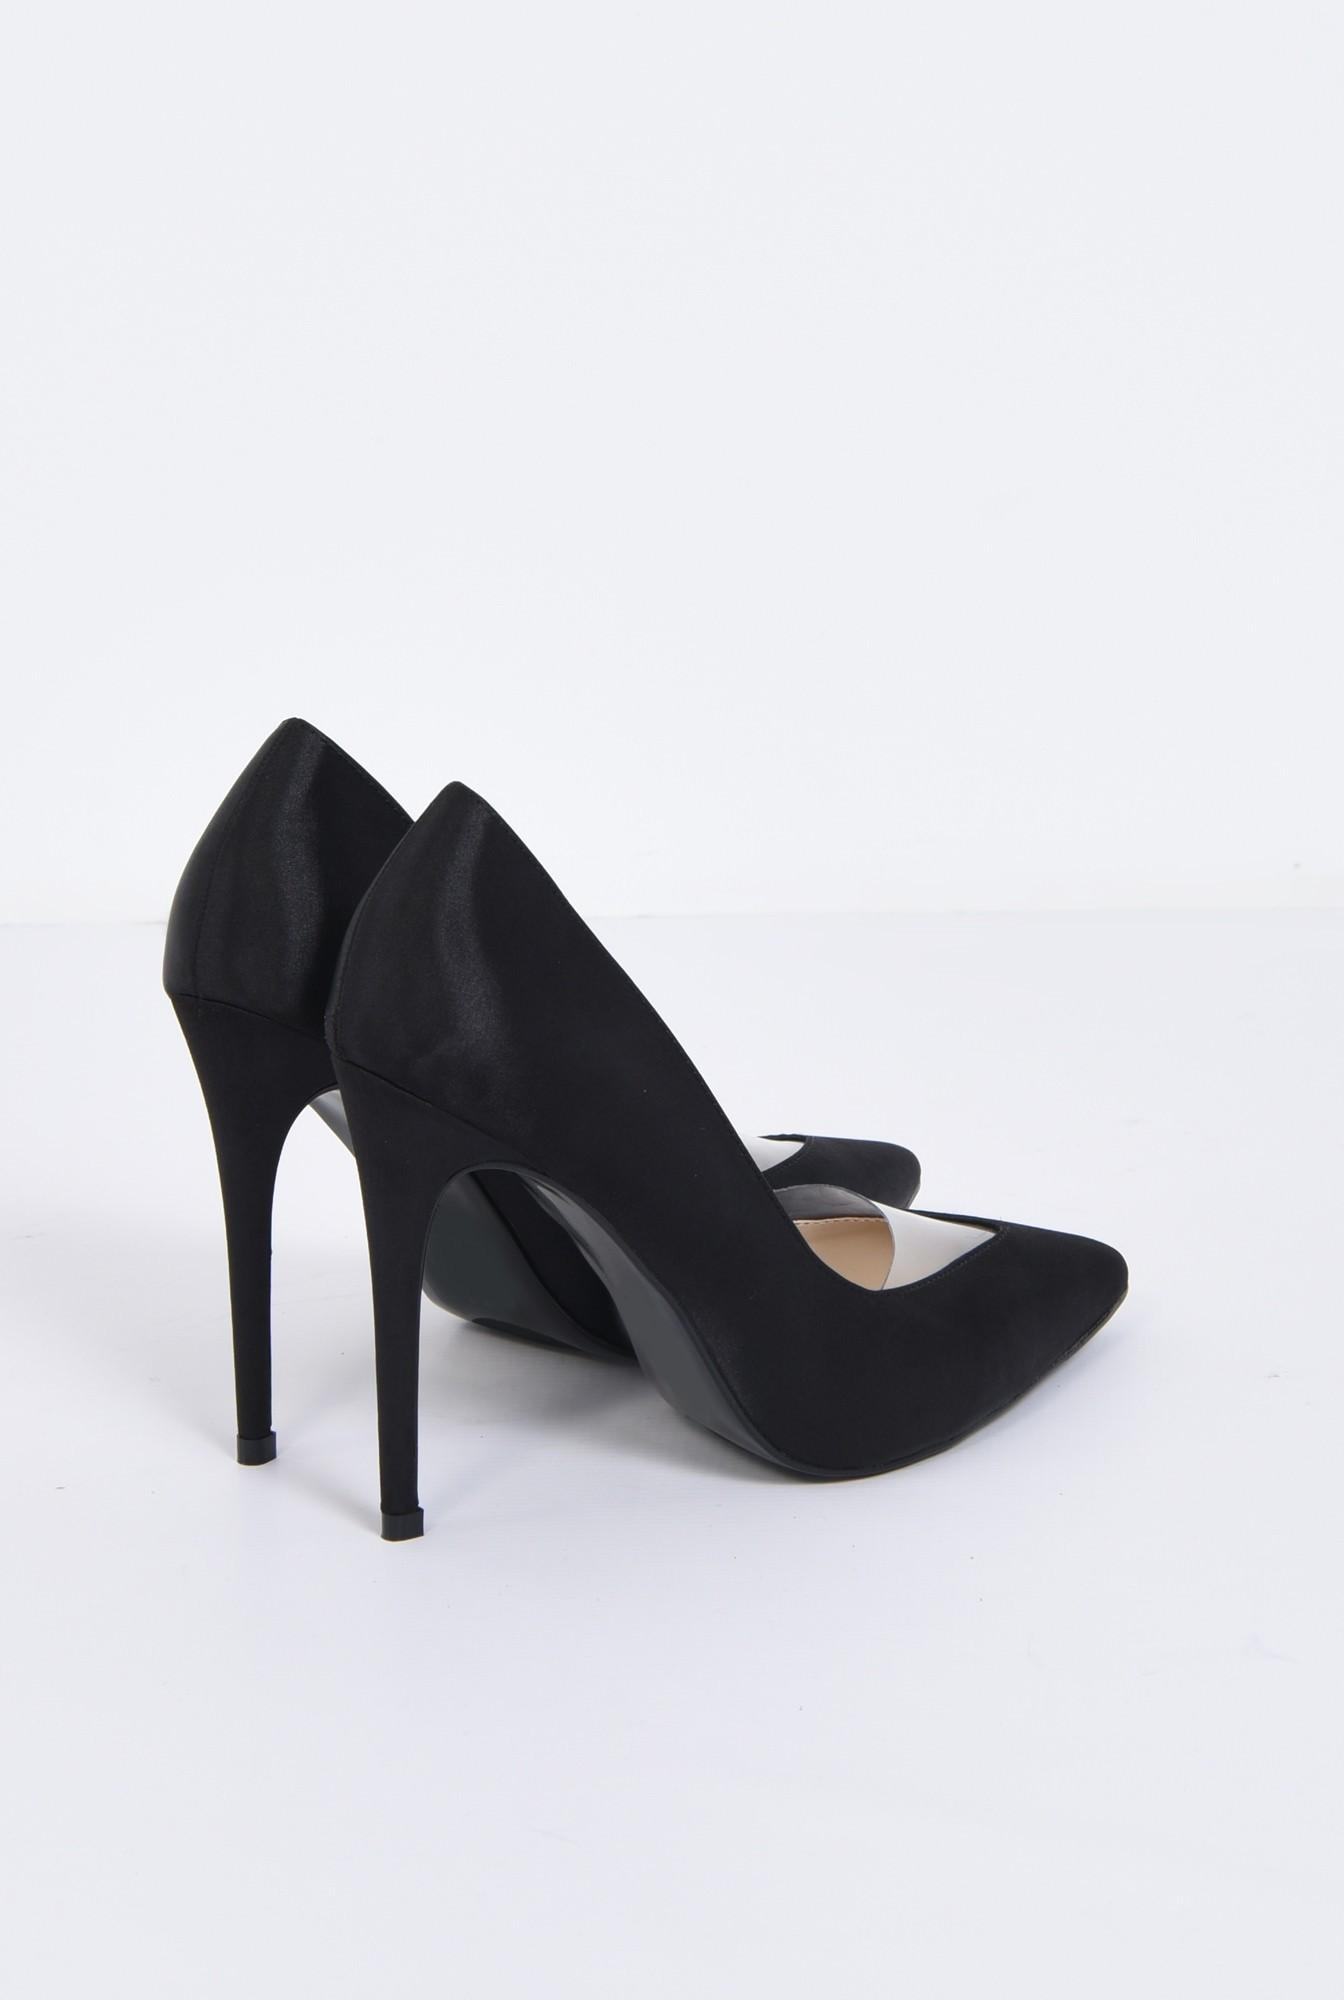 1 - pantofi eleganti, negru, satin, stiletto